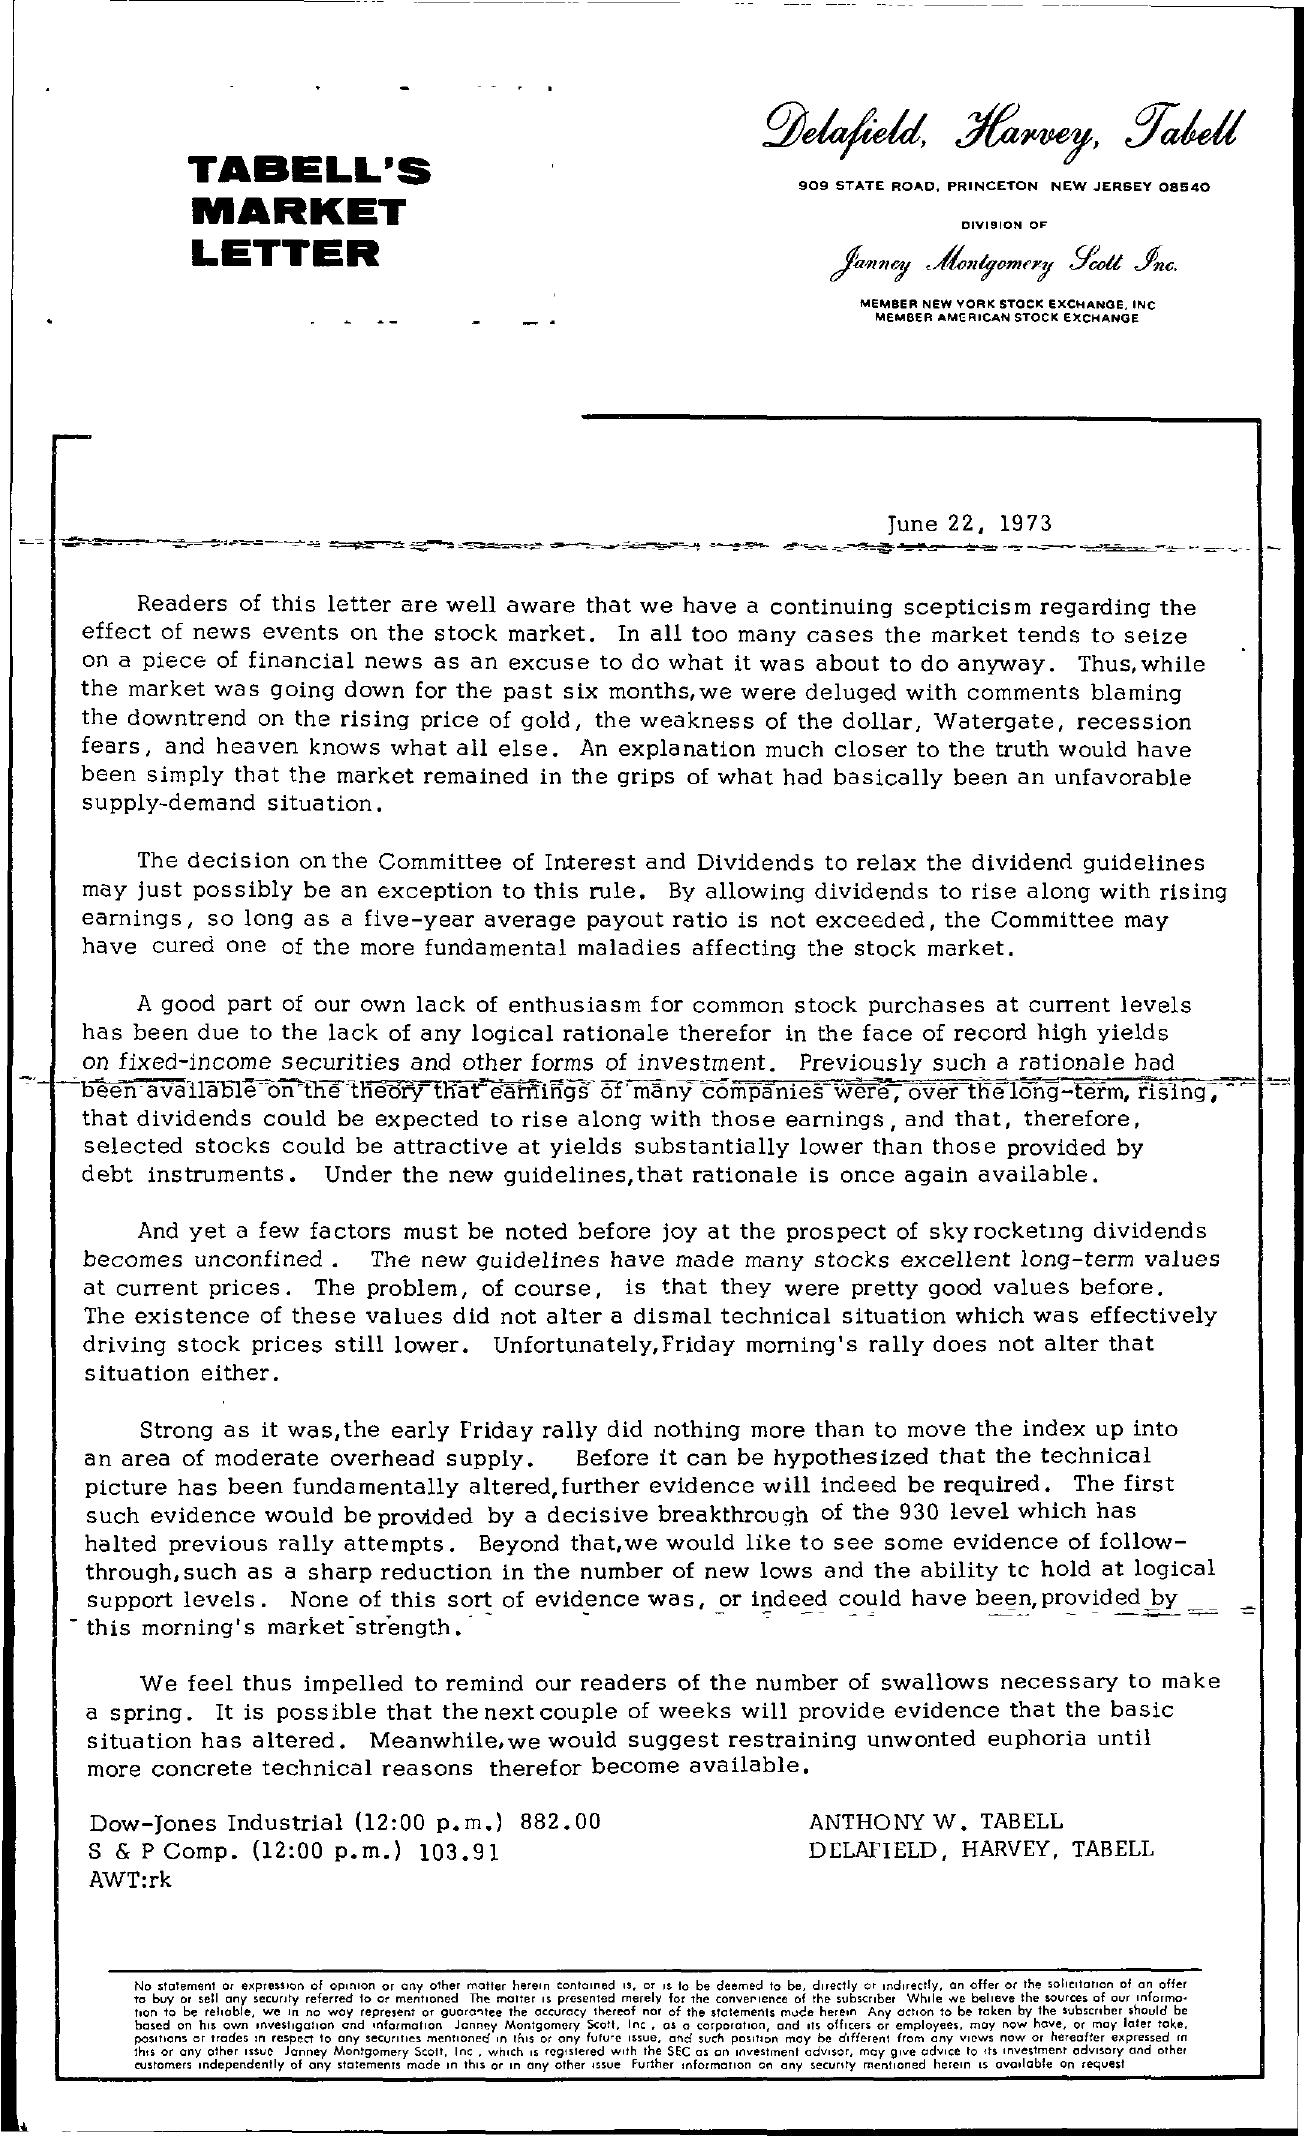 Tabell's Market Letter - June 22, 1973